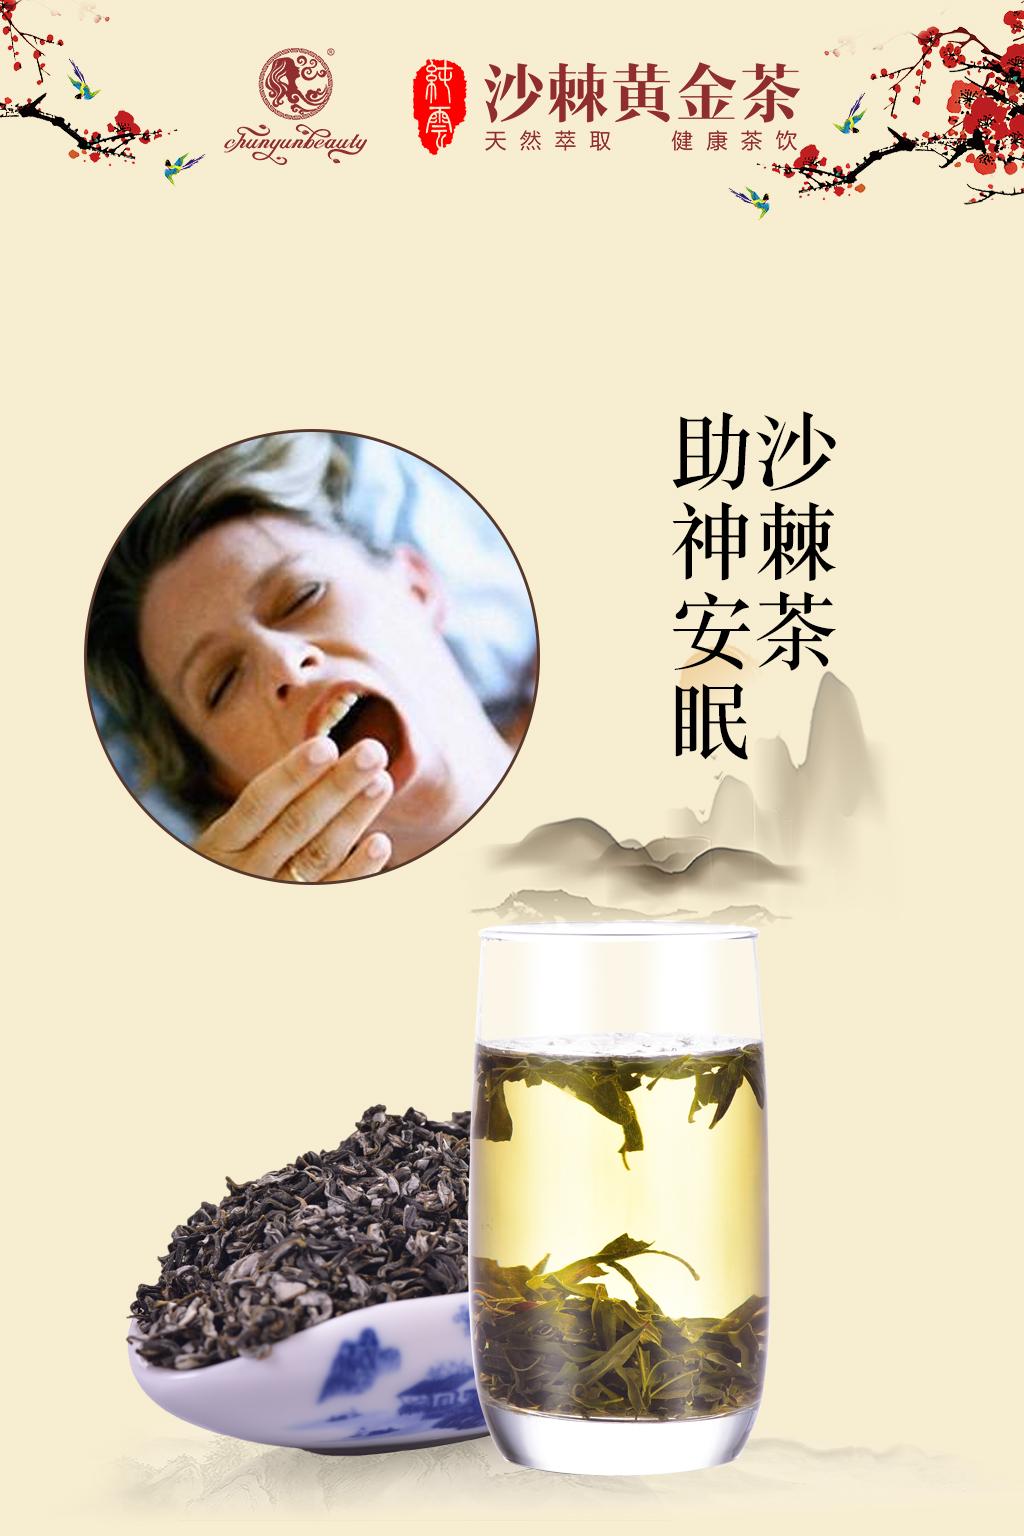 这是第9张沙棘茶黄金茶2017微商界一股清流的货源图片